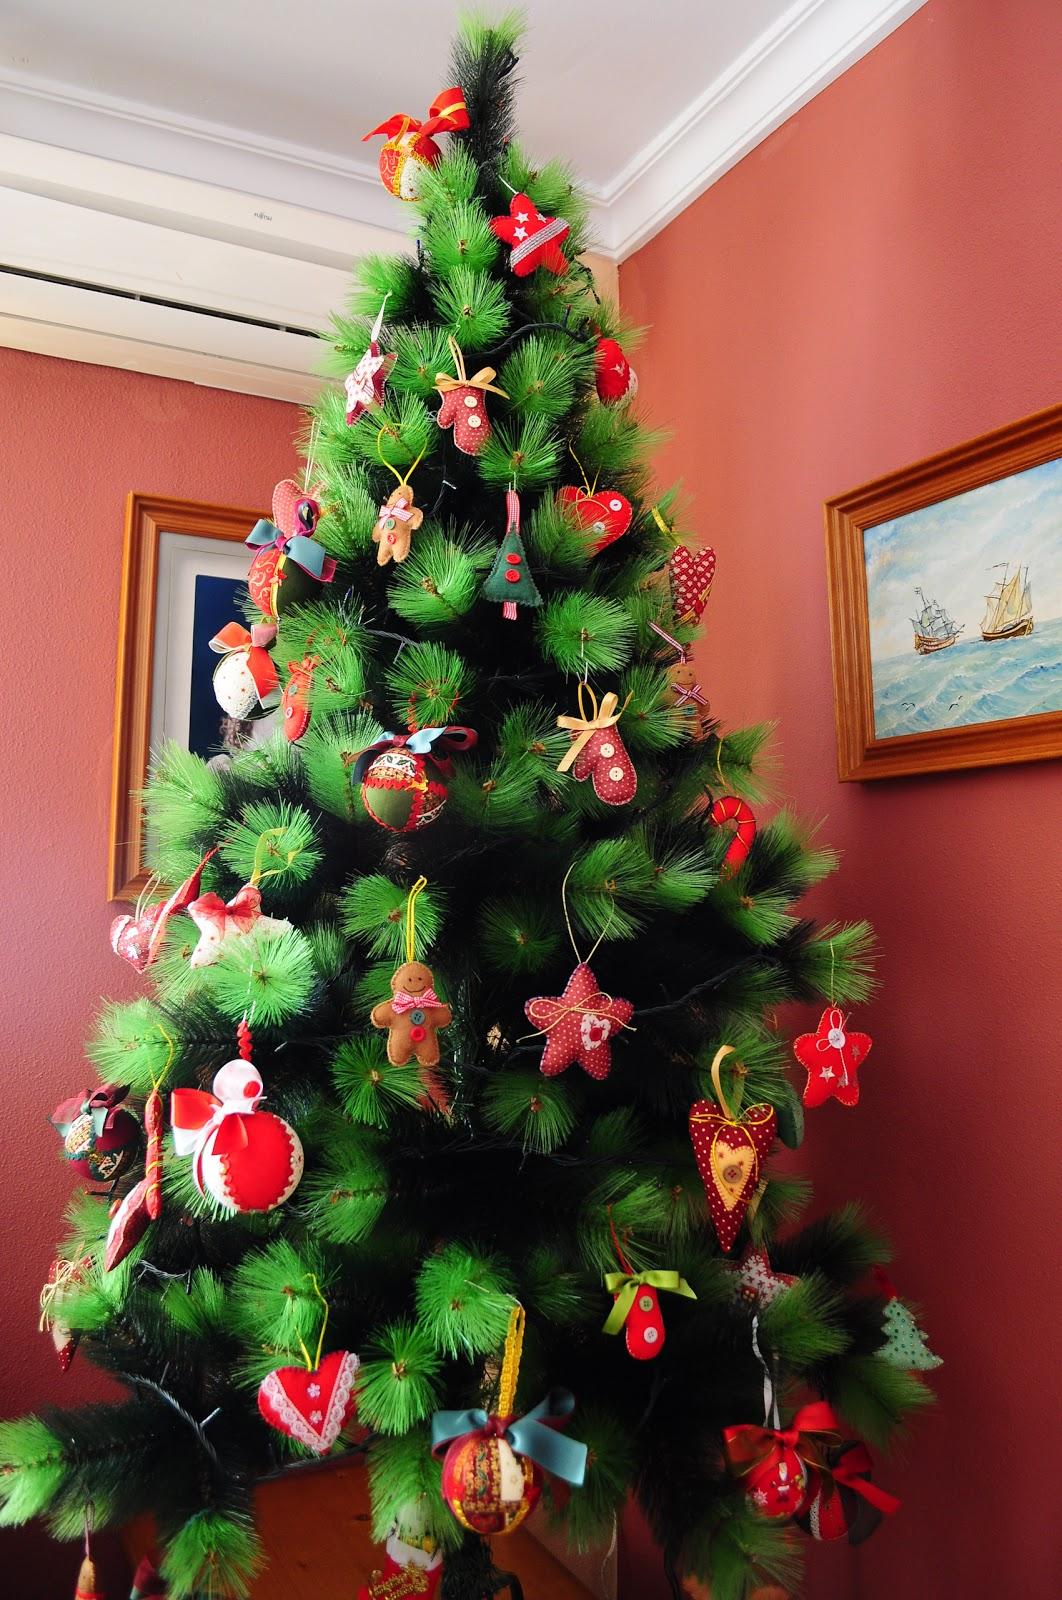 Olas de papel adornos navidad - Adornos navidad de papel ...